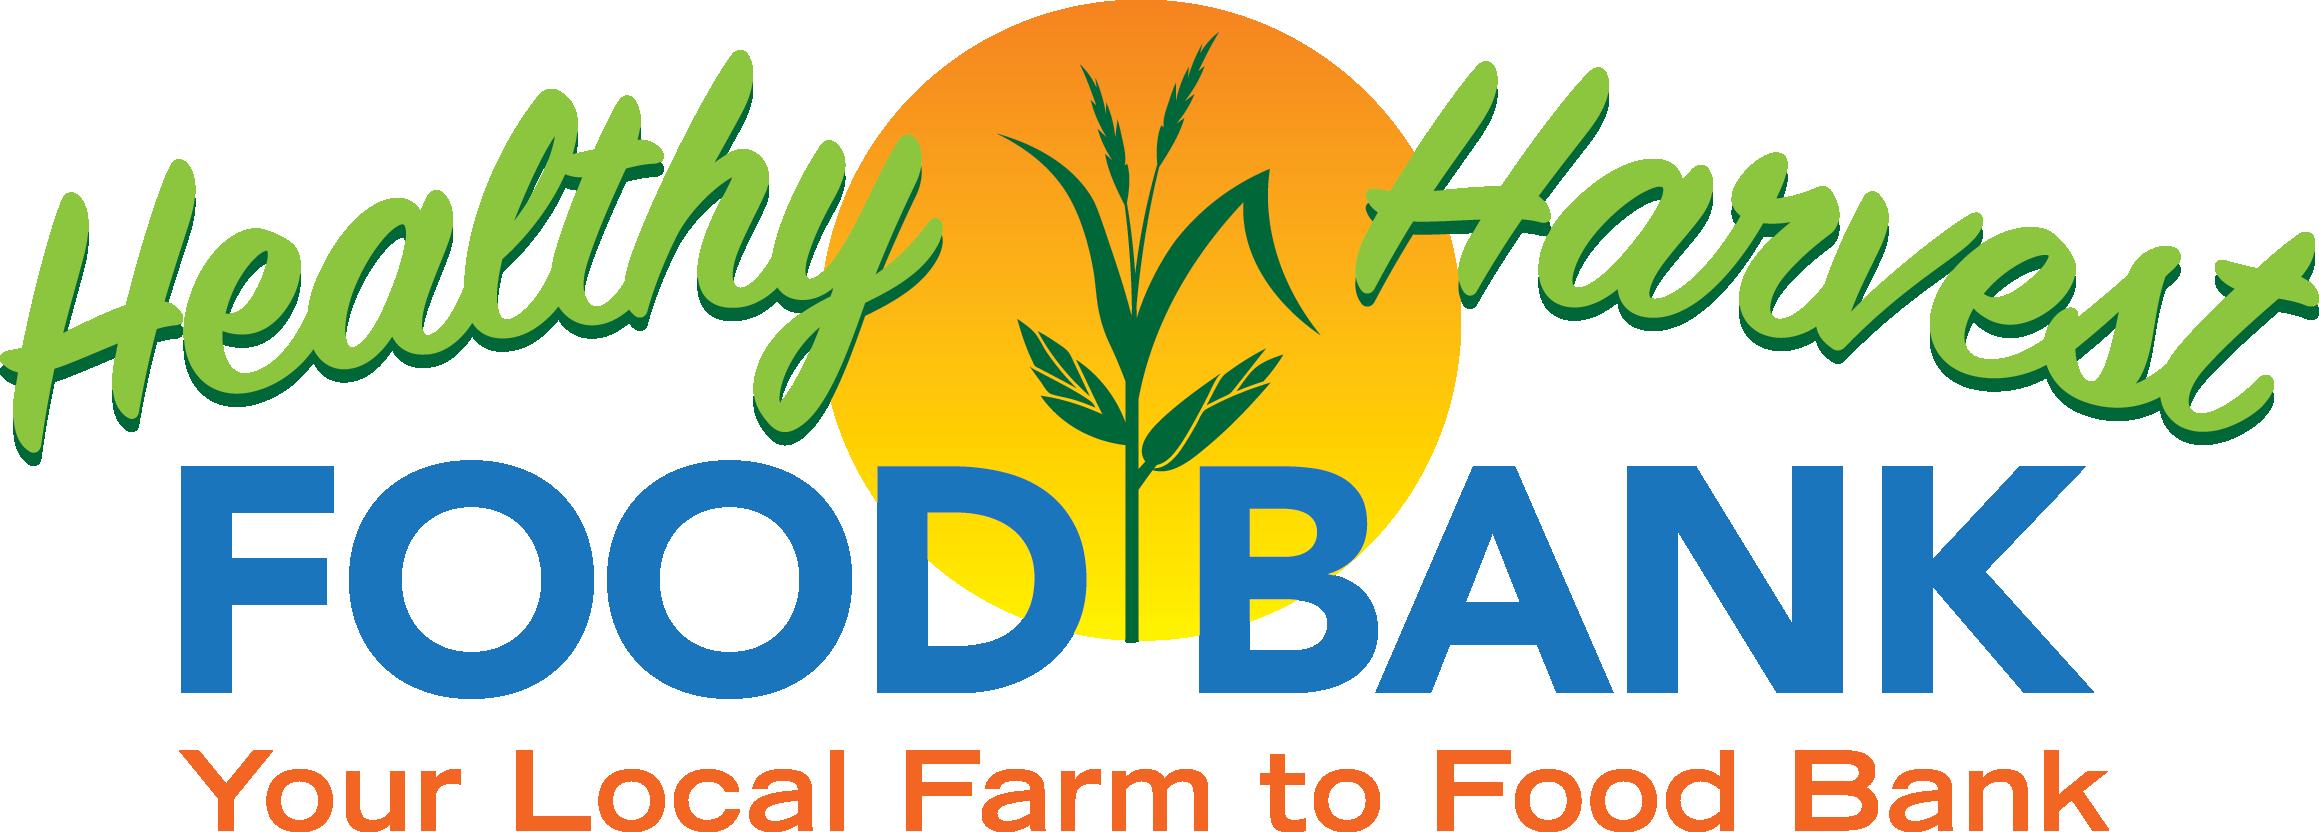 Virginia Beach Food Bank Volunteer